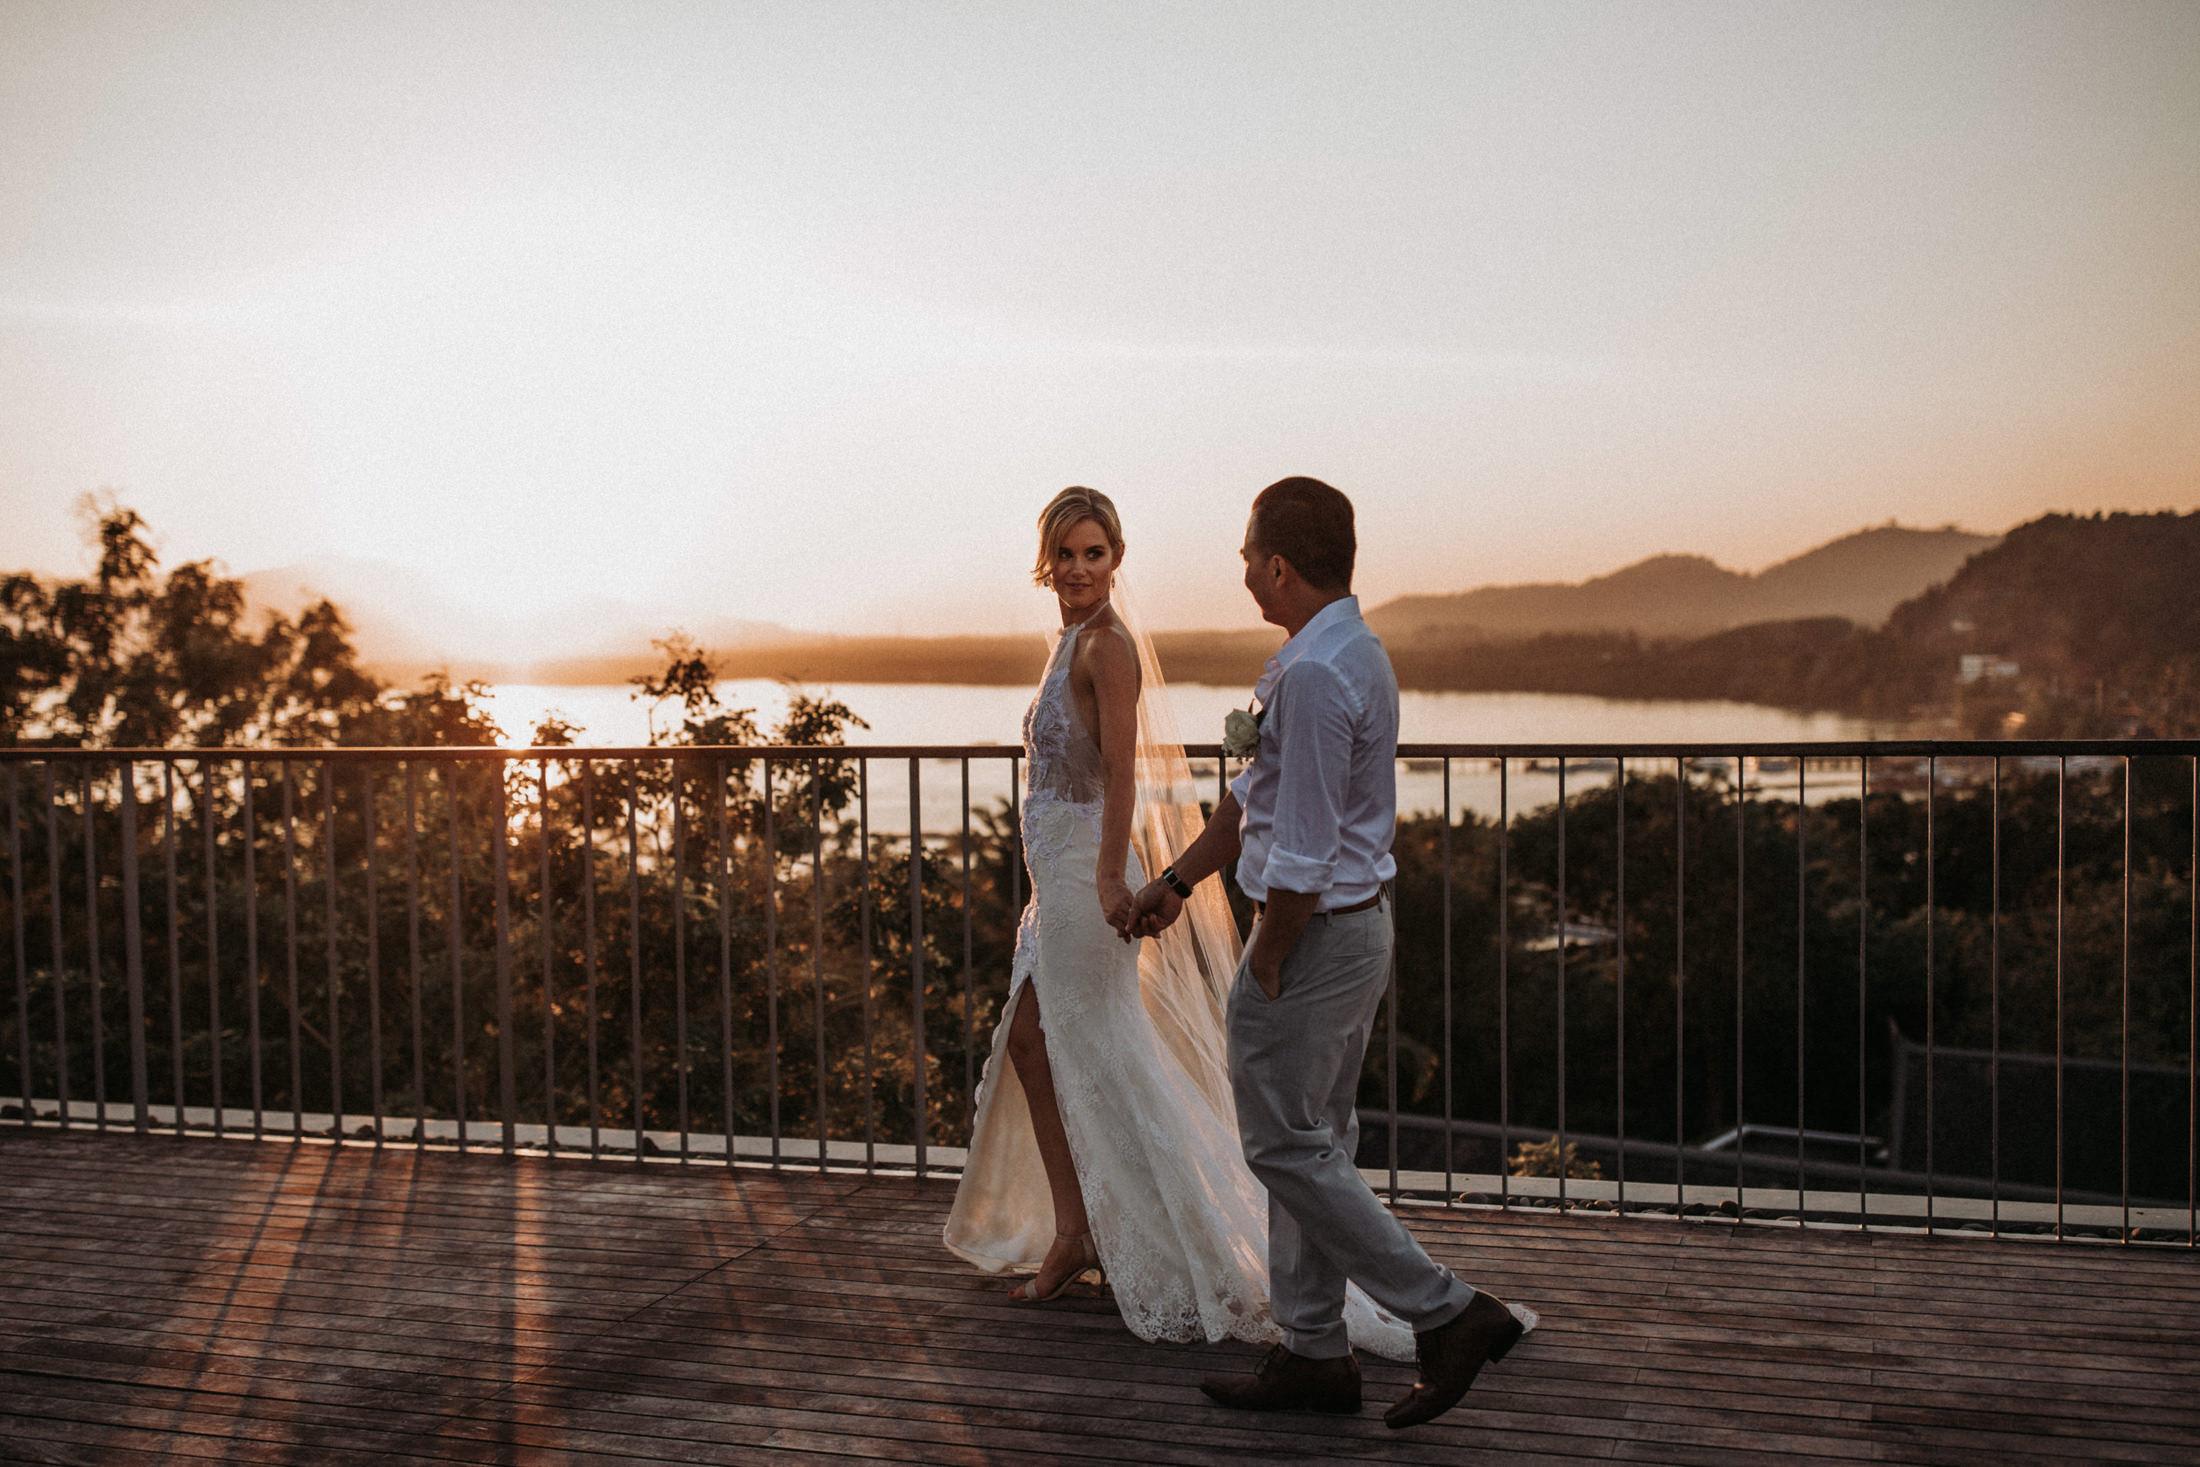 DanielaMarquardt_Wedding_Thailand_328